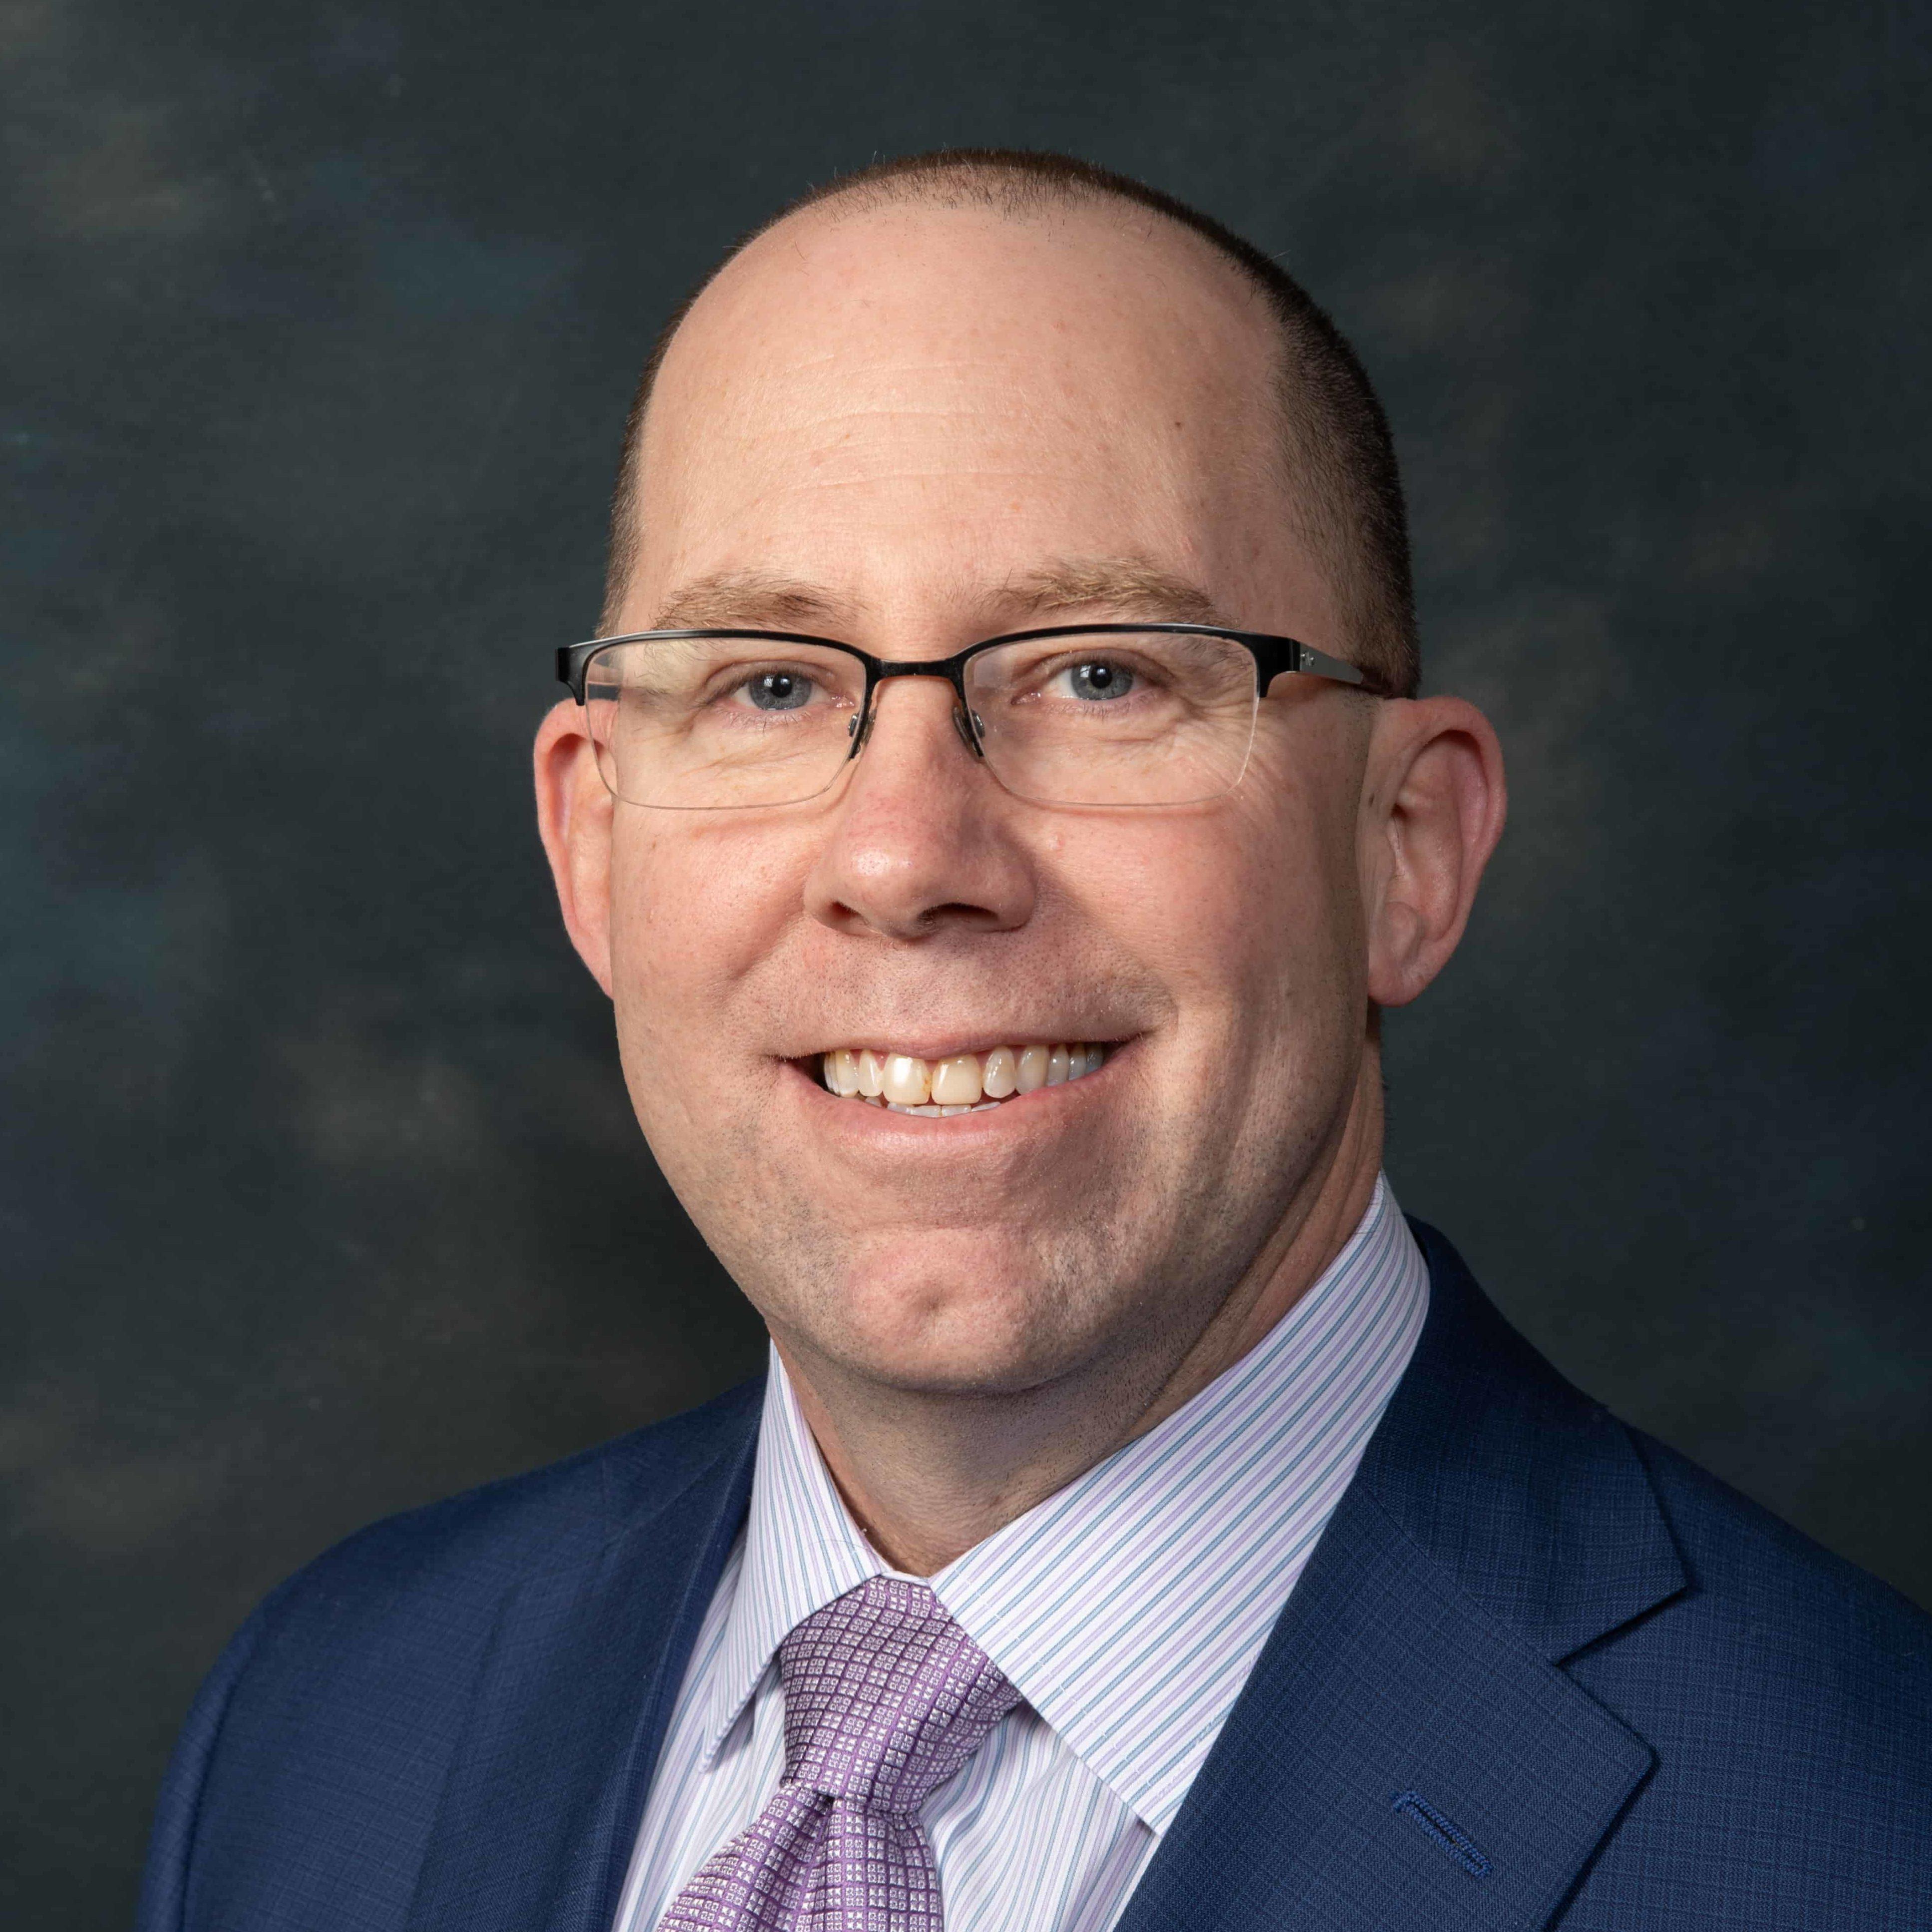 Keith Delman, MD